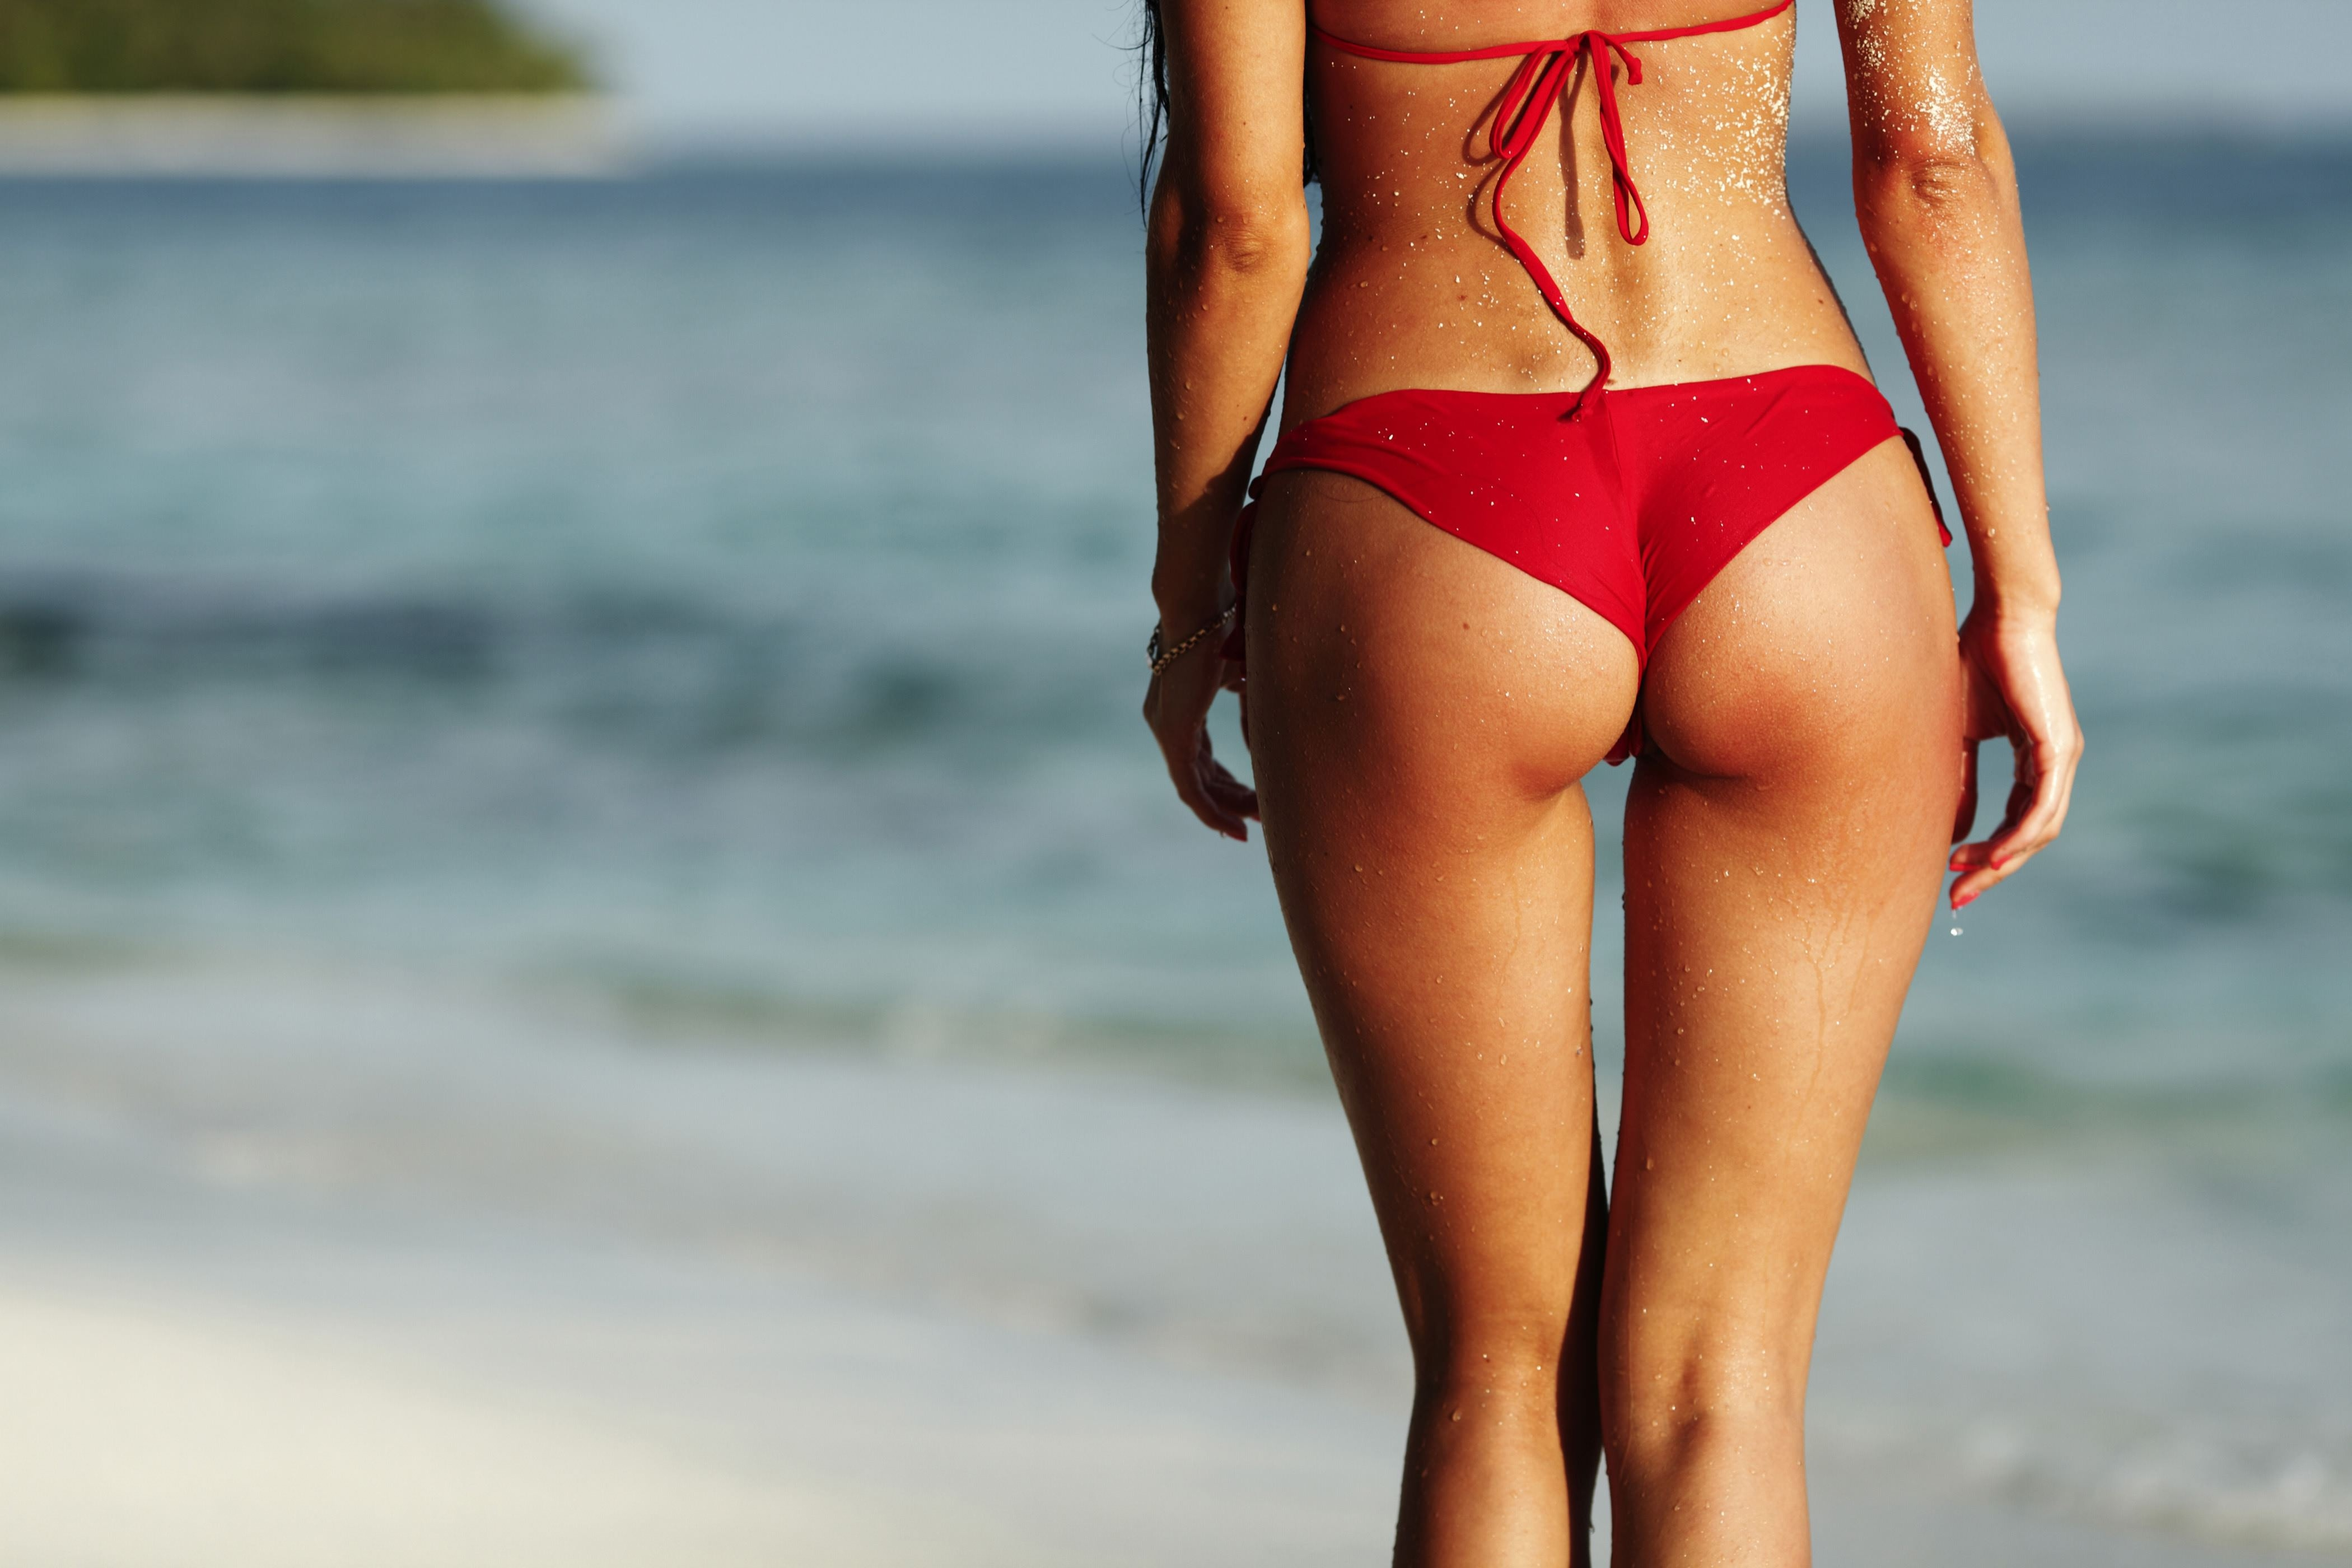 Фото Загорелые красивые ножки, упругая попка в красных трусиках, девушка в купальнике гуляет вдоль берега, скачать картинку бесплатно